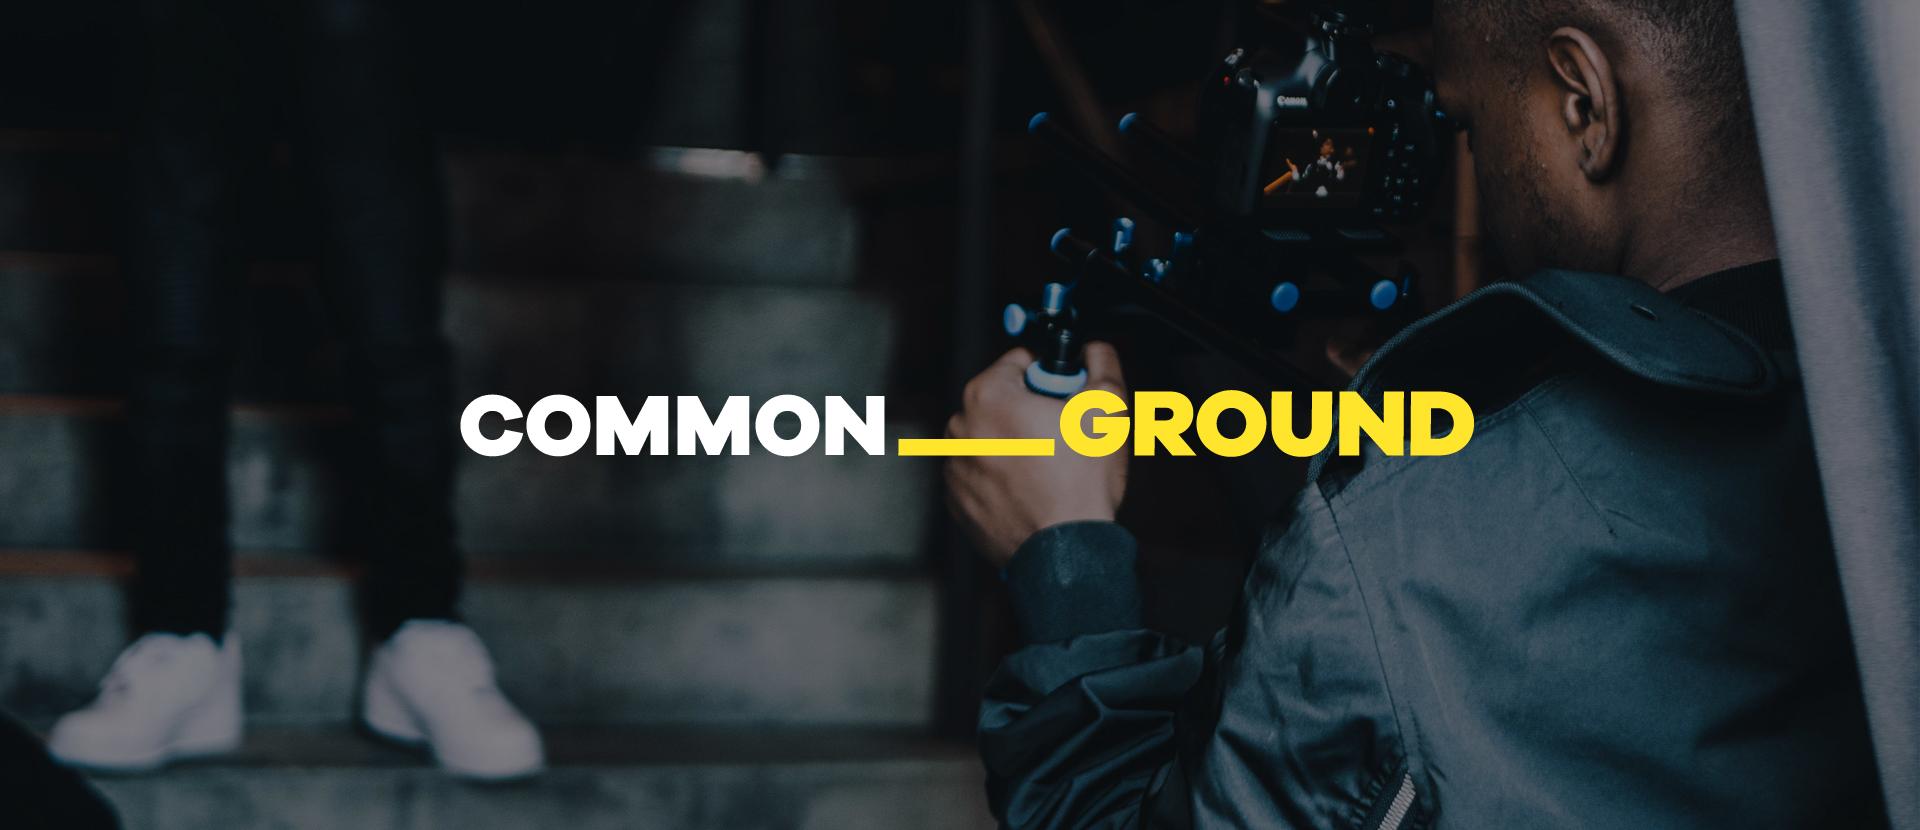 Ground_Banner_1.jpg